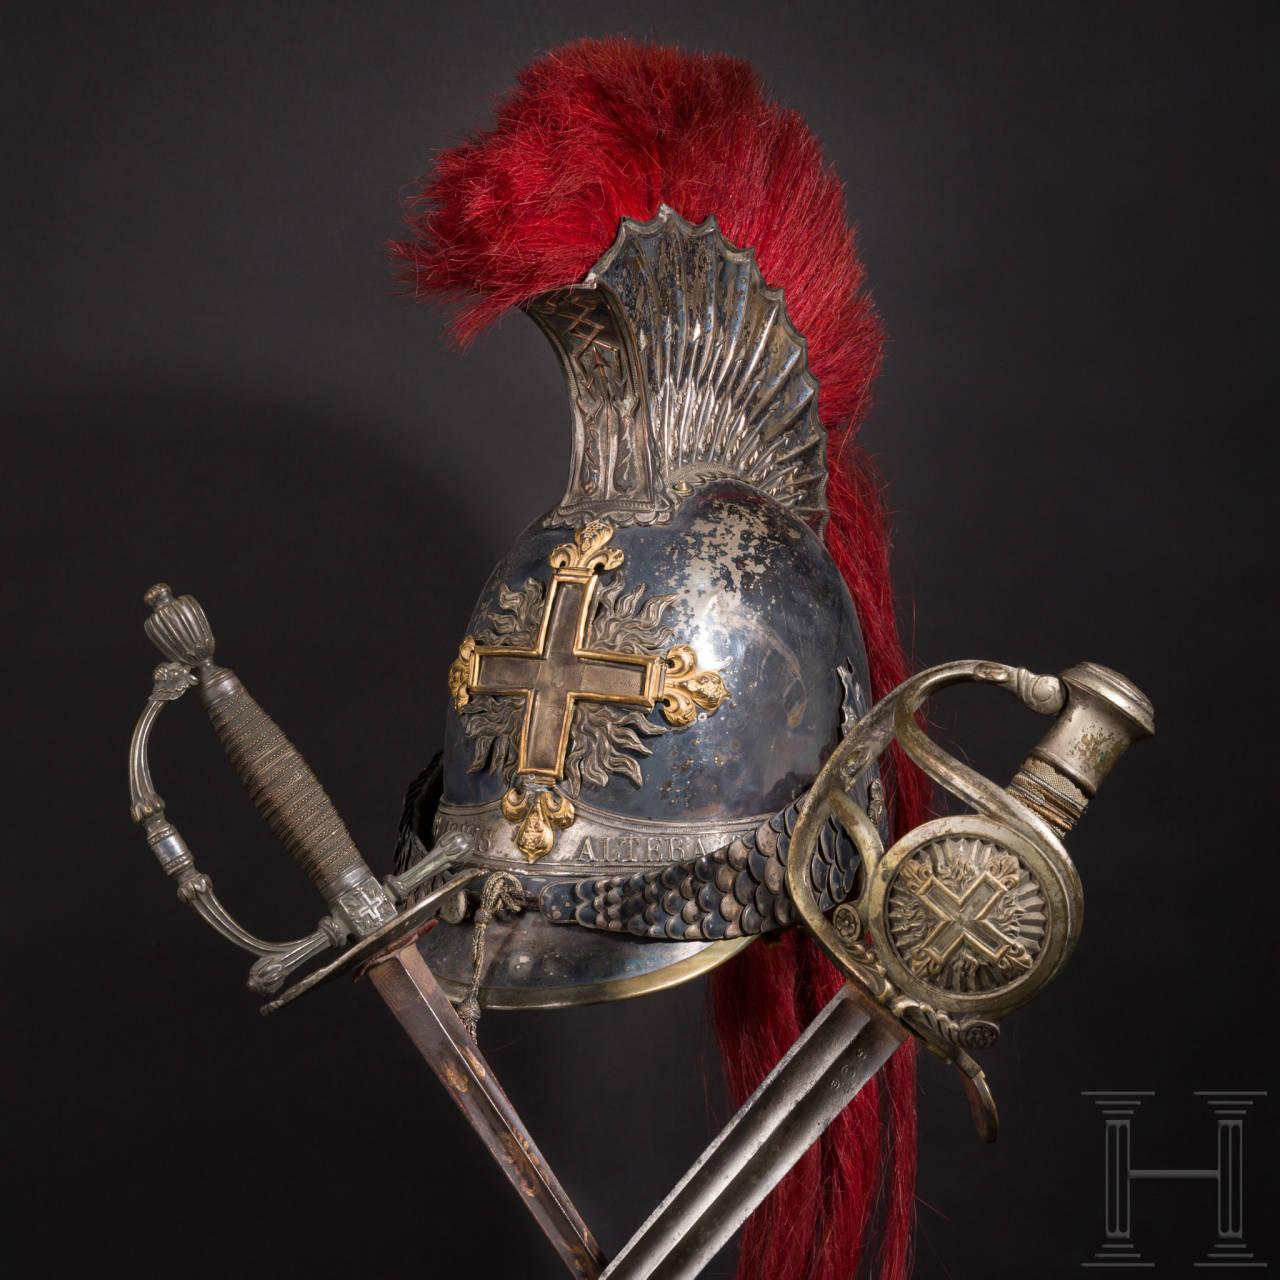 A helmet, sabre and sword of the Mousquetaires noirs de la Maison du Roi, circa 1814/15